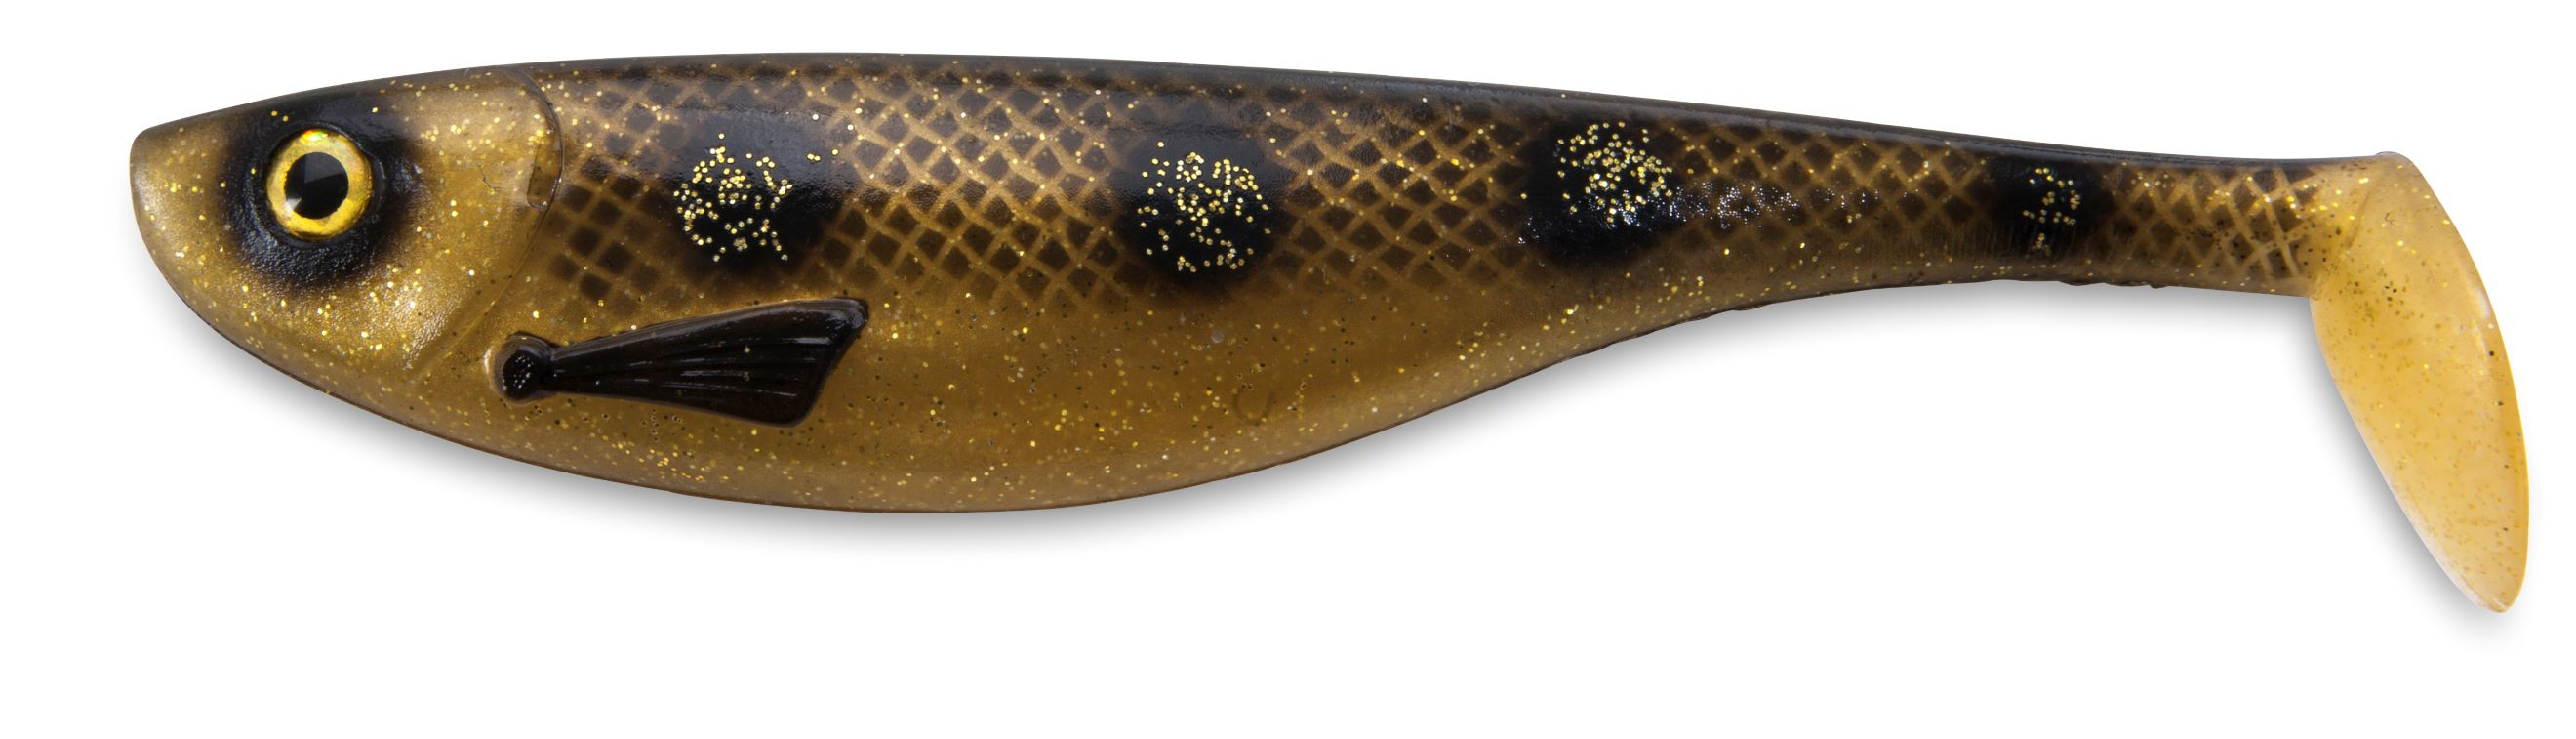 Iron Claw nástraha Slab Shad 21 cm Vzor DPE